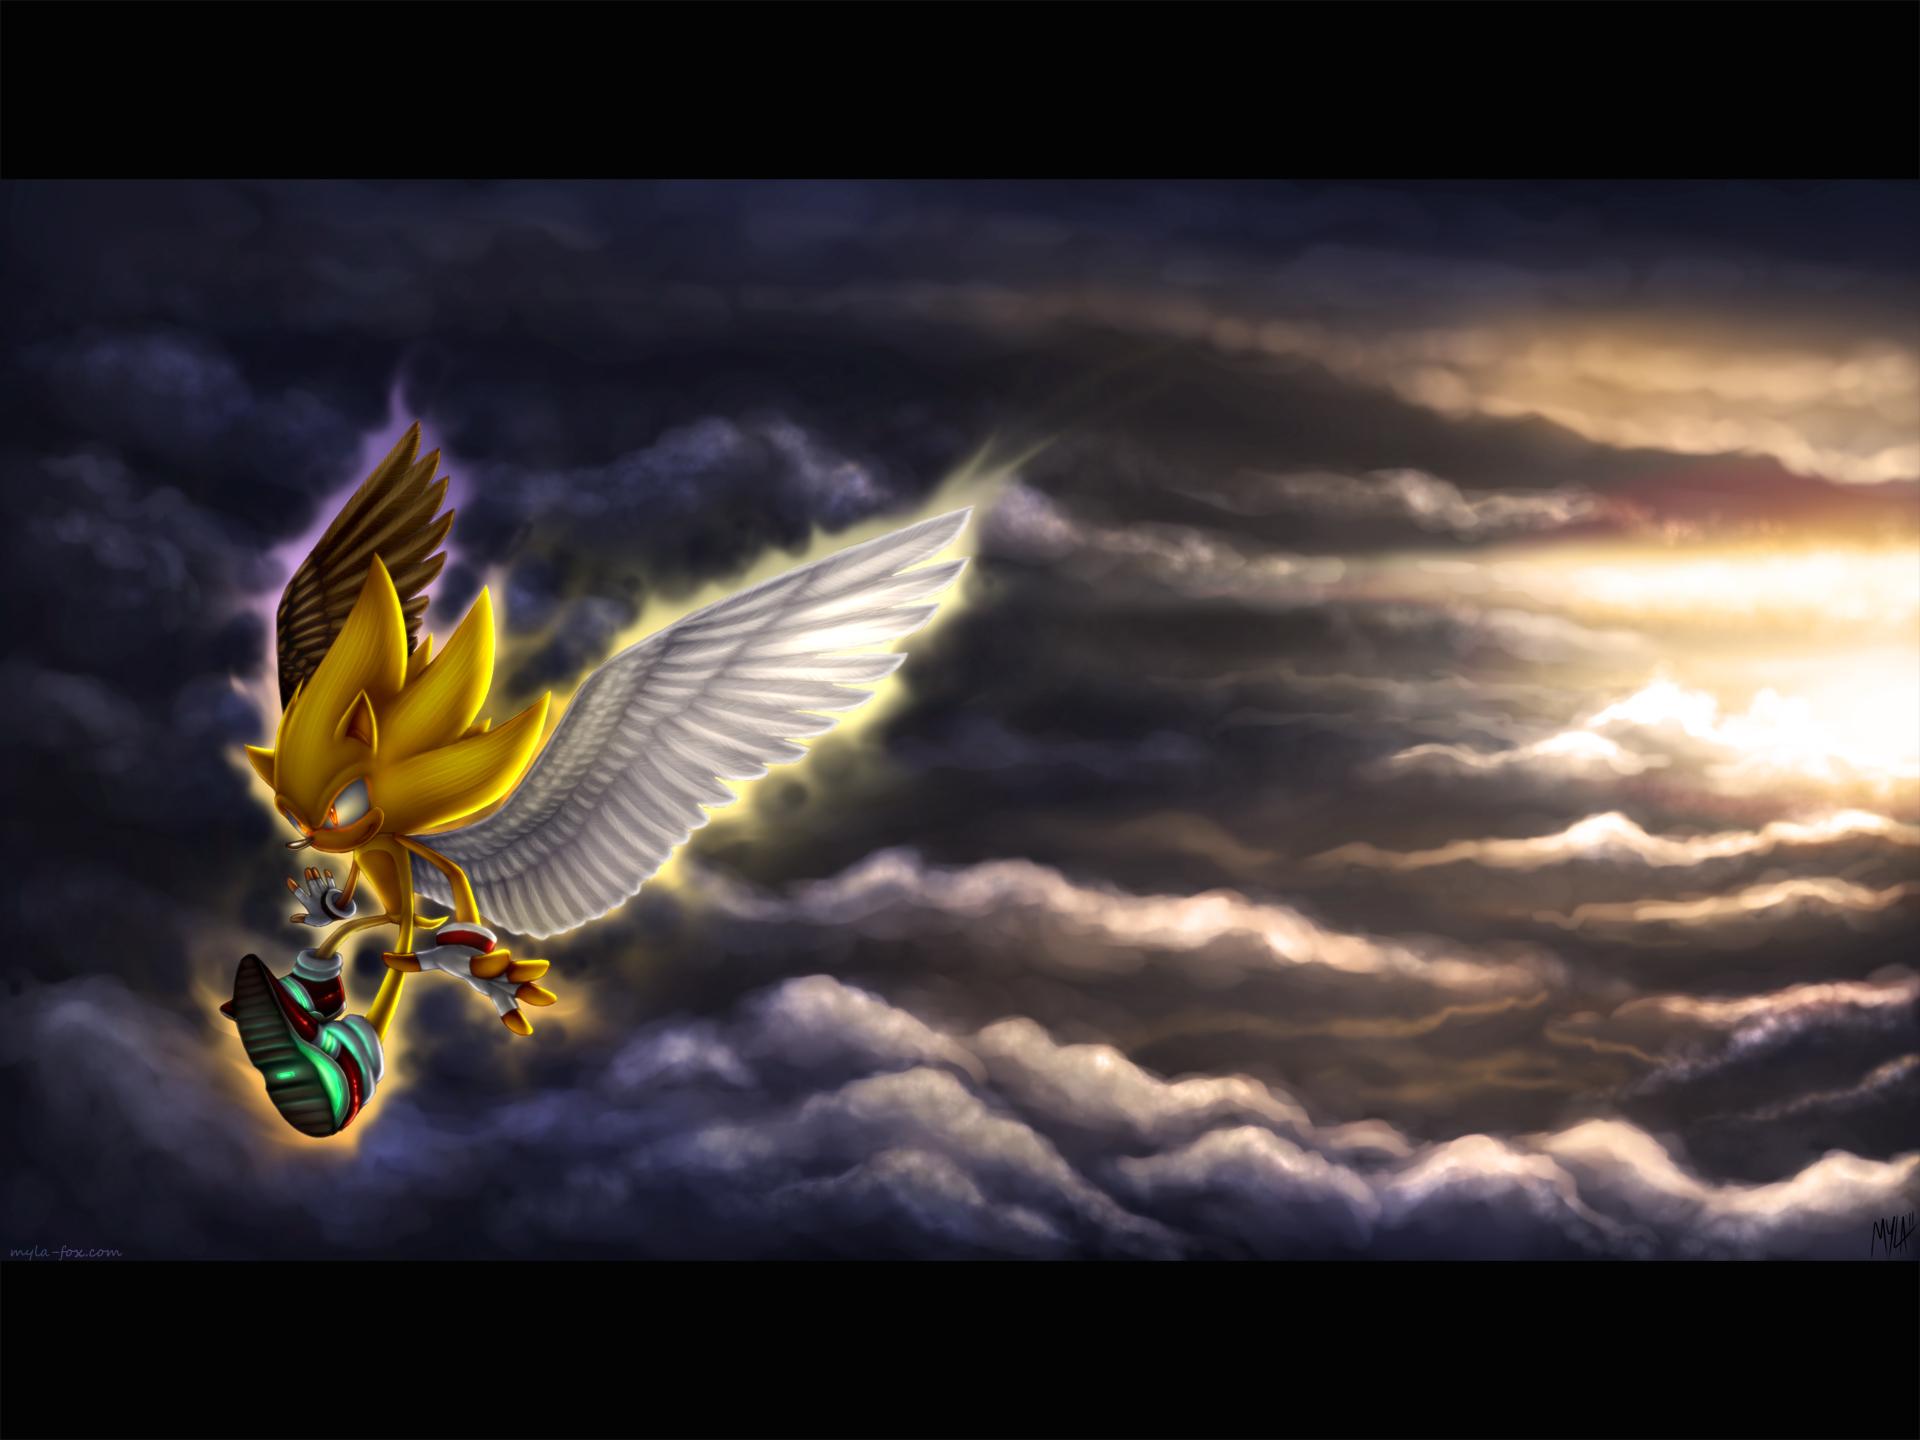 I Saw An malaikat